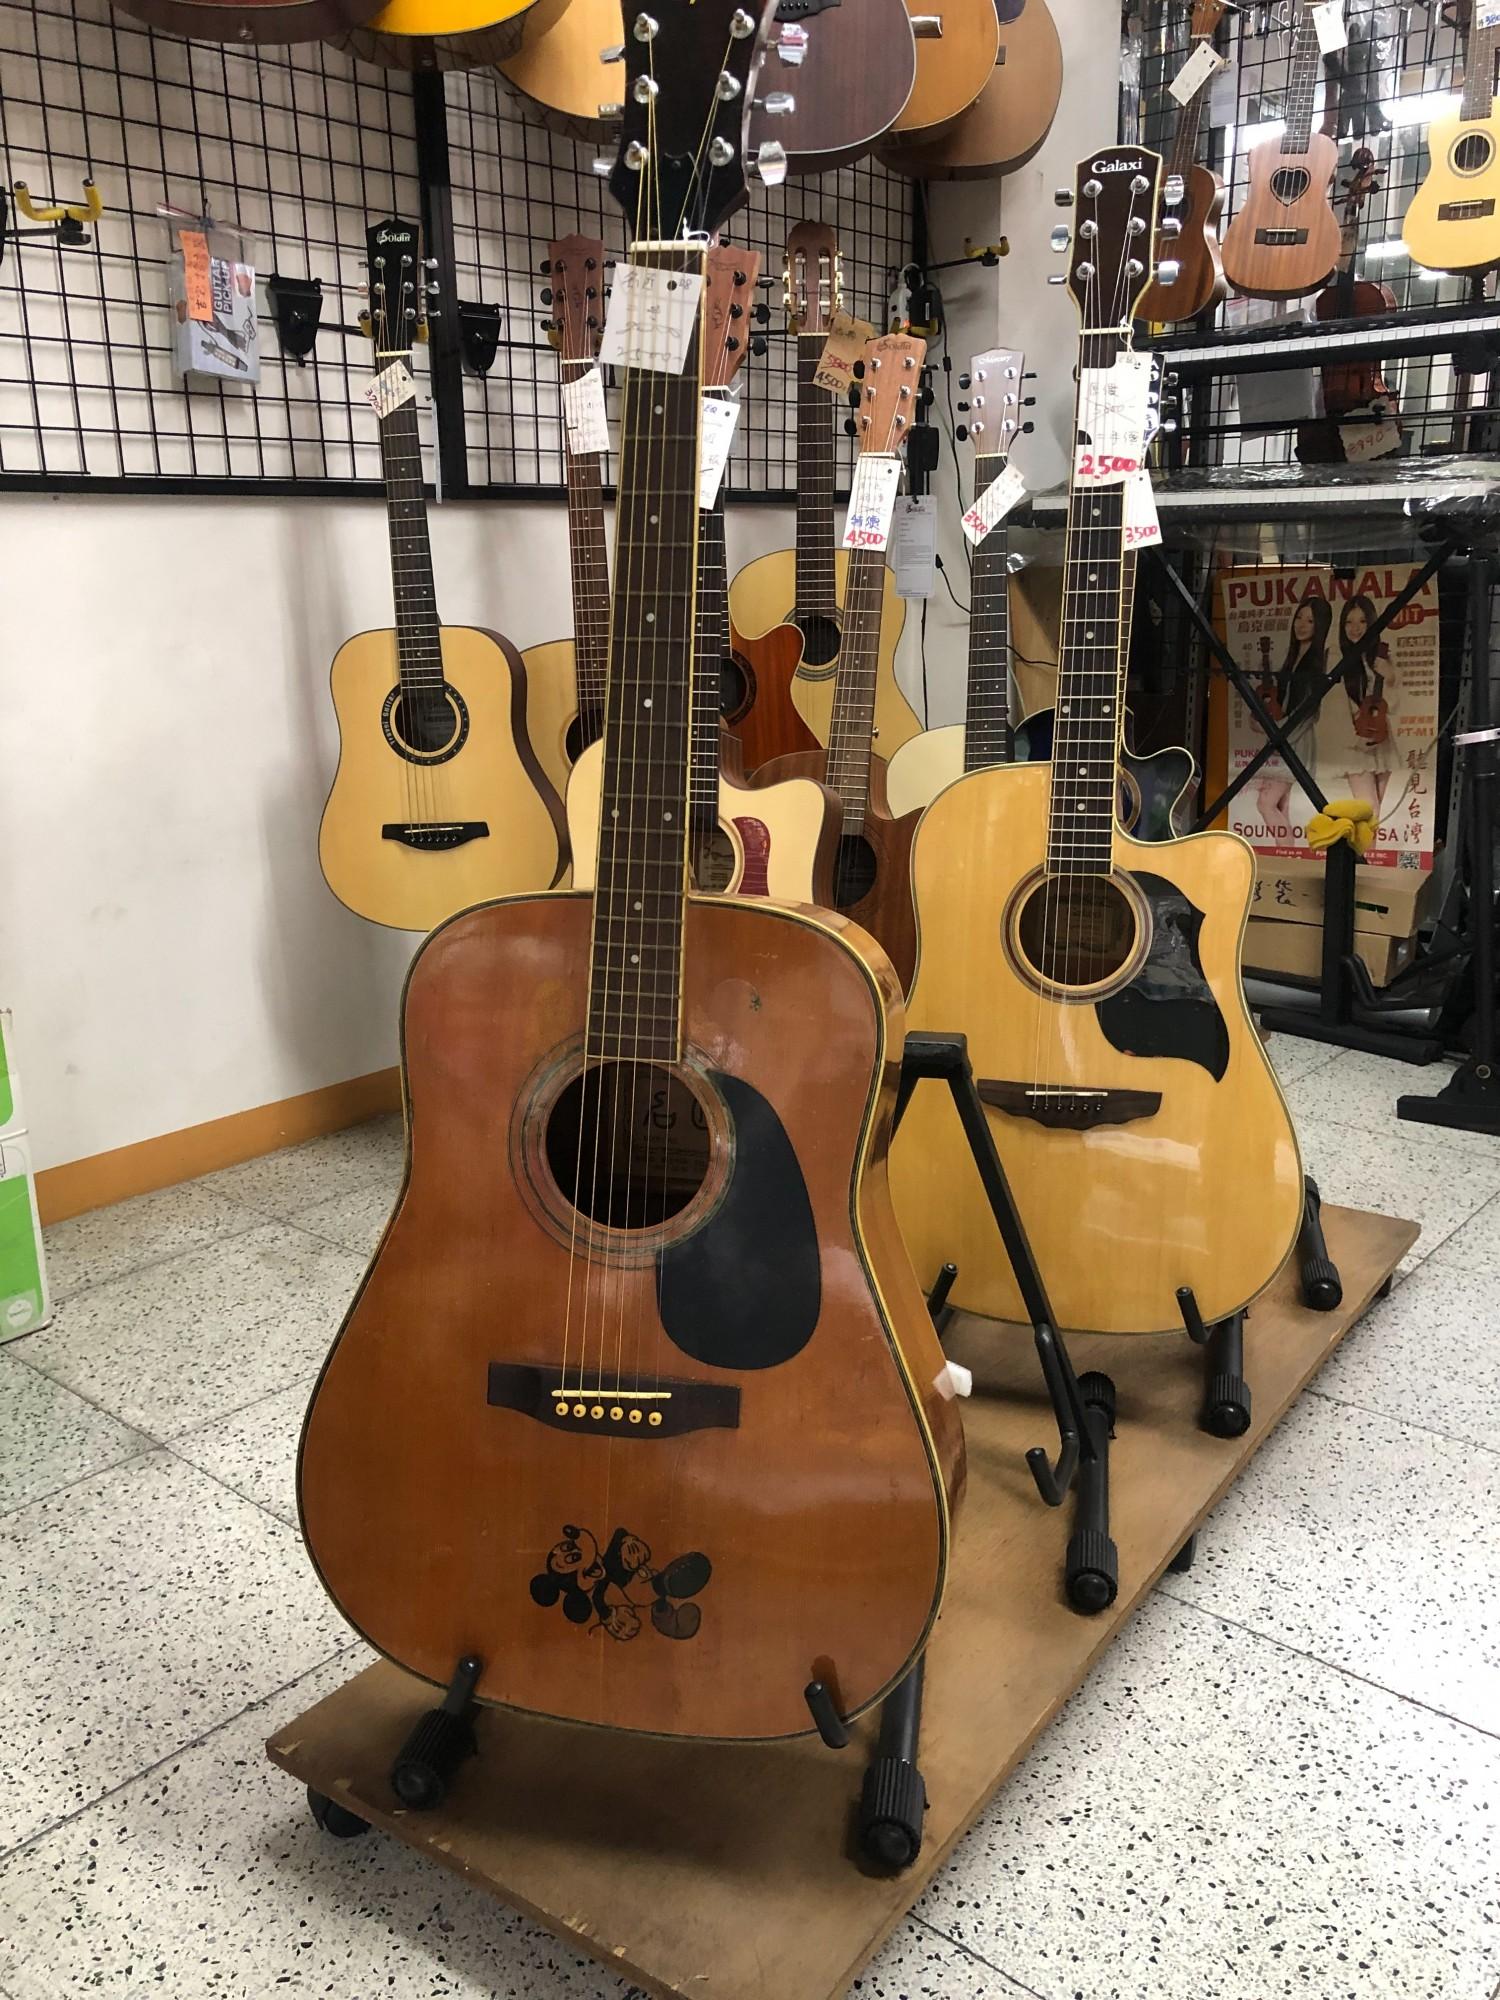 二手吉他   名將 中古吉他  清倉